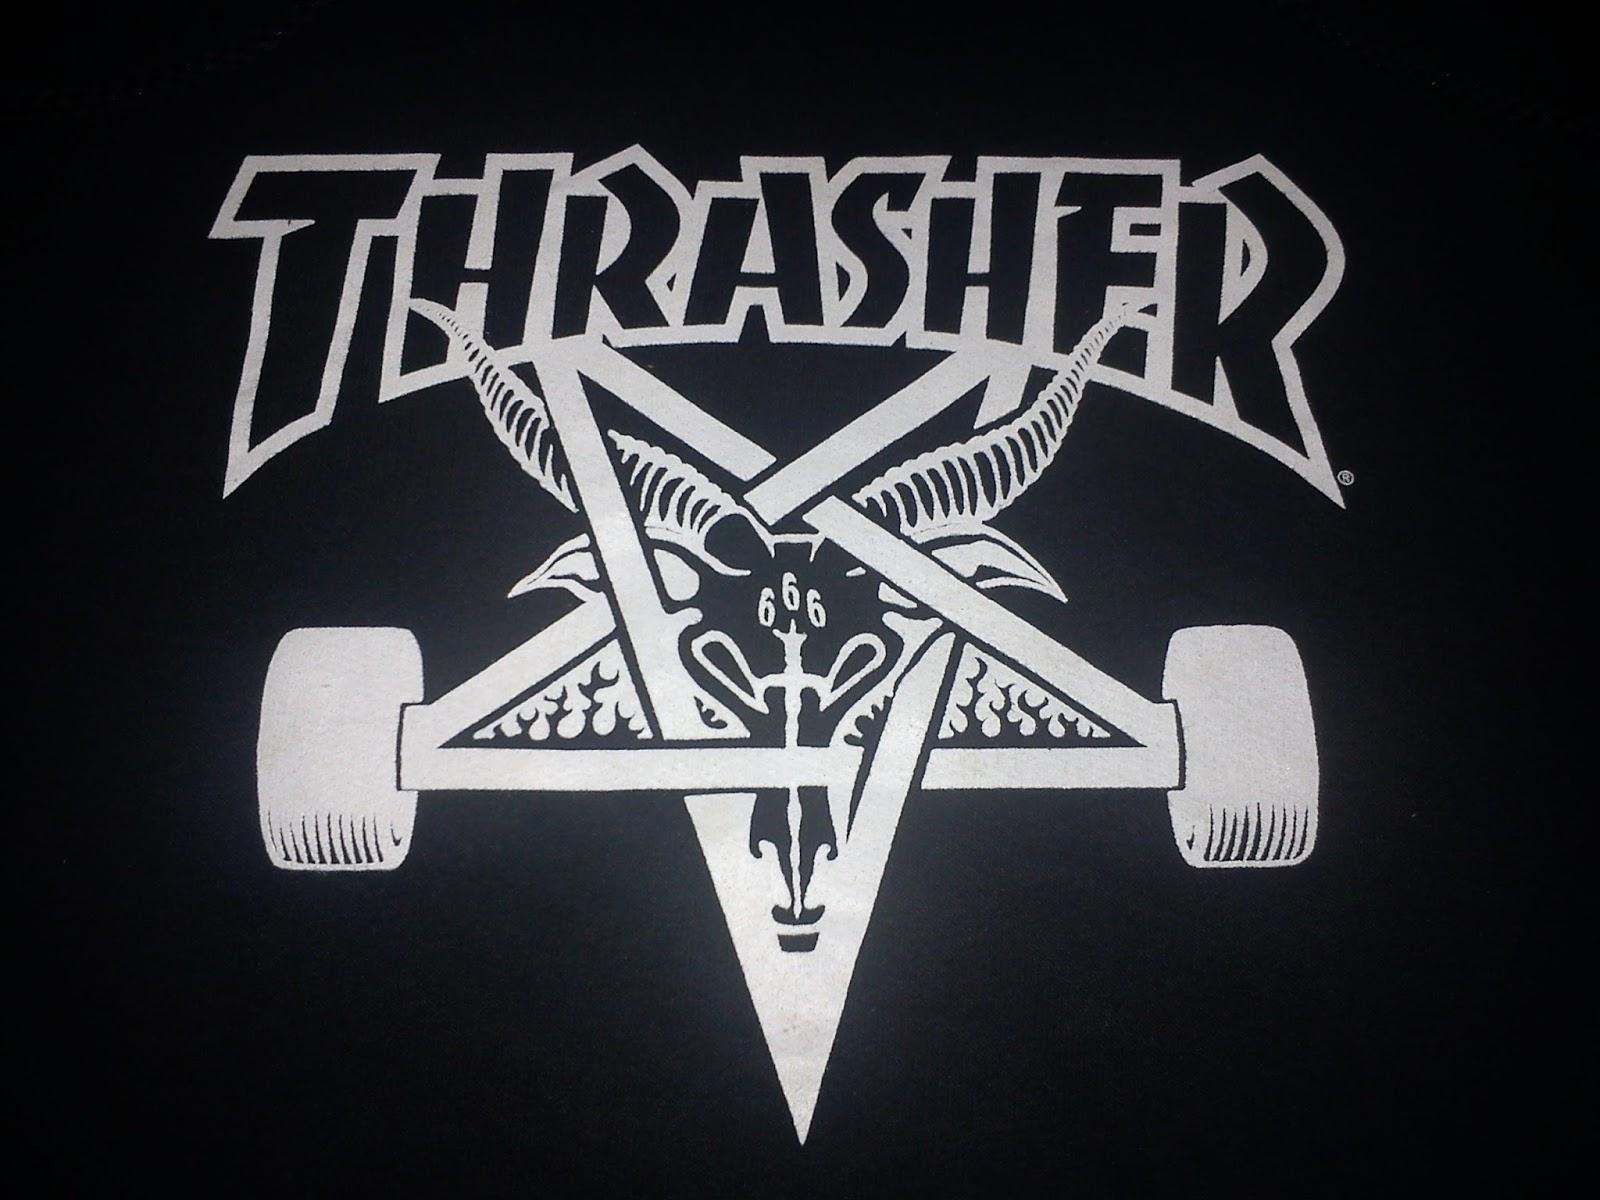 Thrasher Logo Black wl 1717 thrasher hooded 1600x1200